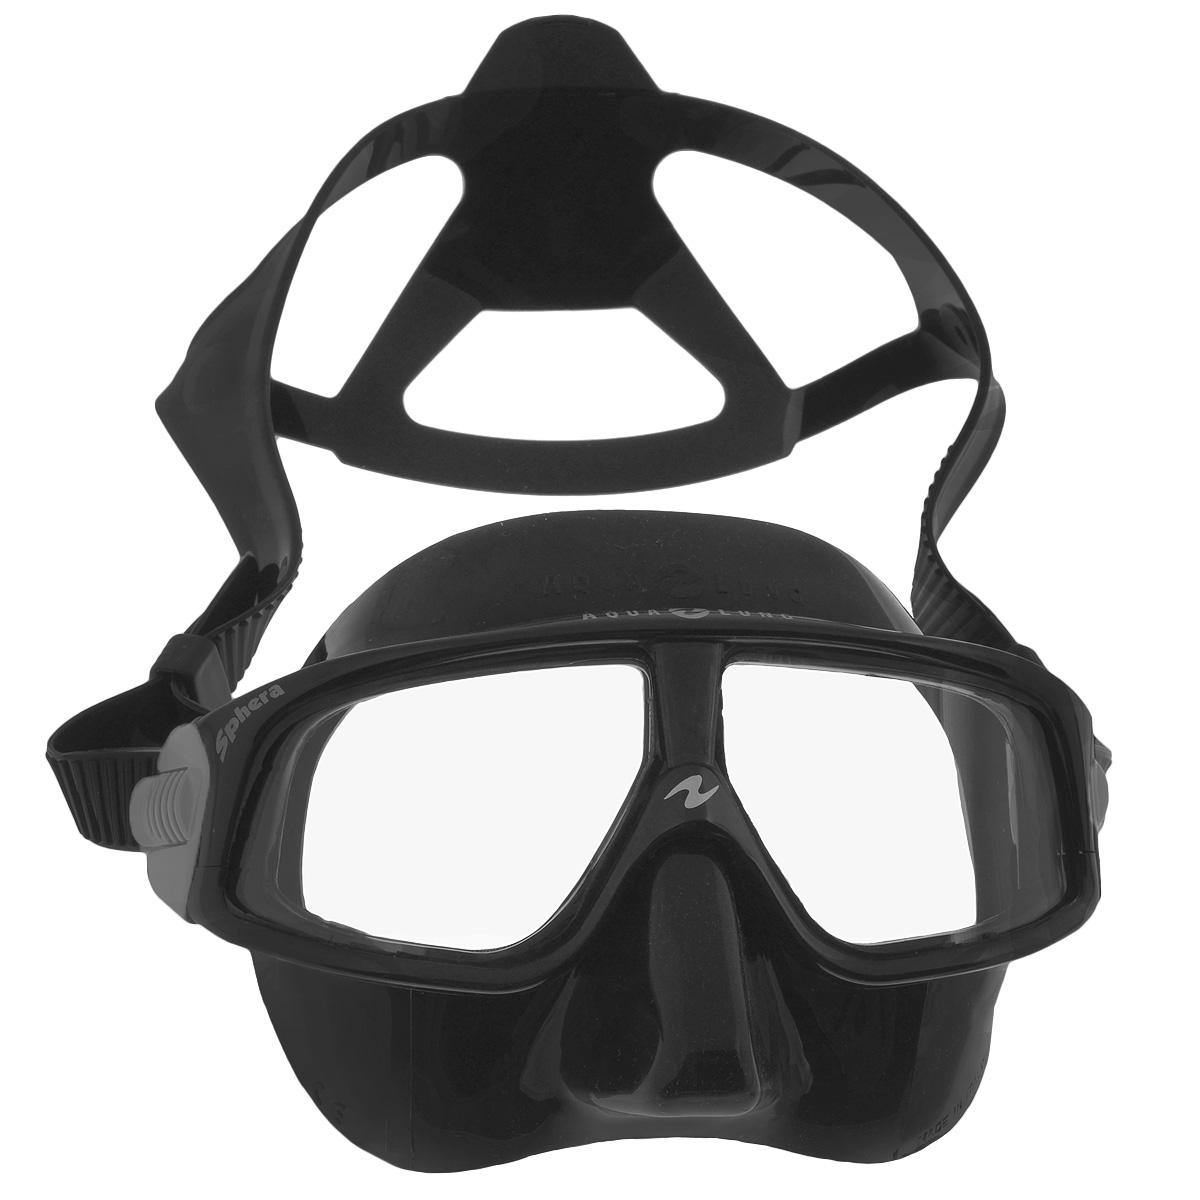 Маска для плавания Aqua Lung, цвет: черный8-108213503-3503Маска для плавания Aqua Lung сочетает в себе уникальные свойства в результате применения особых материалов и технологий. Новый материал Plexisol позволил создать линзы, не дающие искажений пропорций и размеров объектов под водой, и обеспечивающие максимальный обзор в 180°.Особенности маски:Plexisol в 10 раз легче воды и при этом очень прочен, поэтому эта маска самая легкая в мире (98 г);Линзы изготовлены из плексисола, обеспечивающего видимость реального расстояния под водой; Внешняя сторона линз имеет защитное покрытие от царапин, а внутренняя обработана антизапотевателем; Обзор 180° без каких-либо искажений; Самое маленькое подмасочное пространство среди имеющихся на рынке масок; Малый вес - 98 г, (вес средней маски - 200 г); Анатомический фланец, изготовленный из гипоаллергенного медицинского силикона; Быстро регулируемые пряжки.Материал: силикон, plexisol.